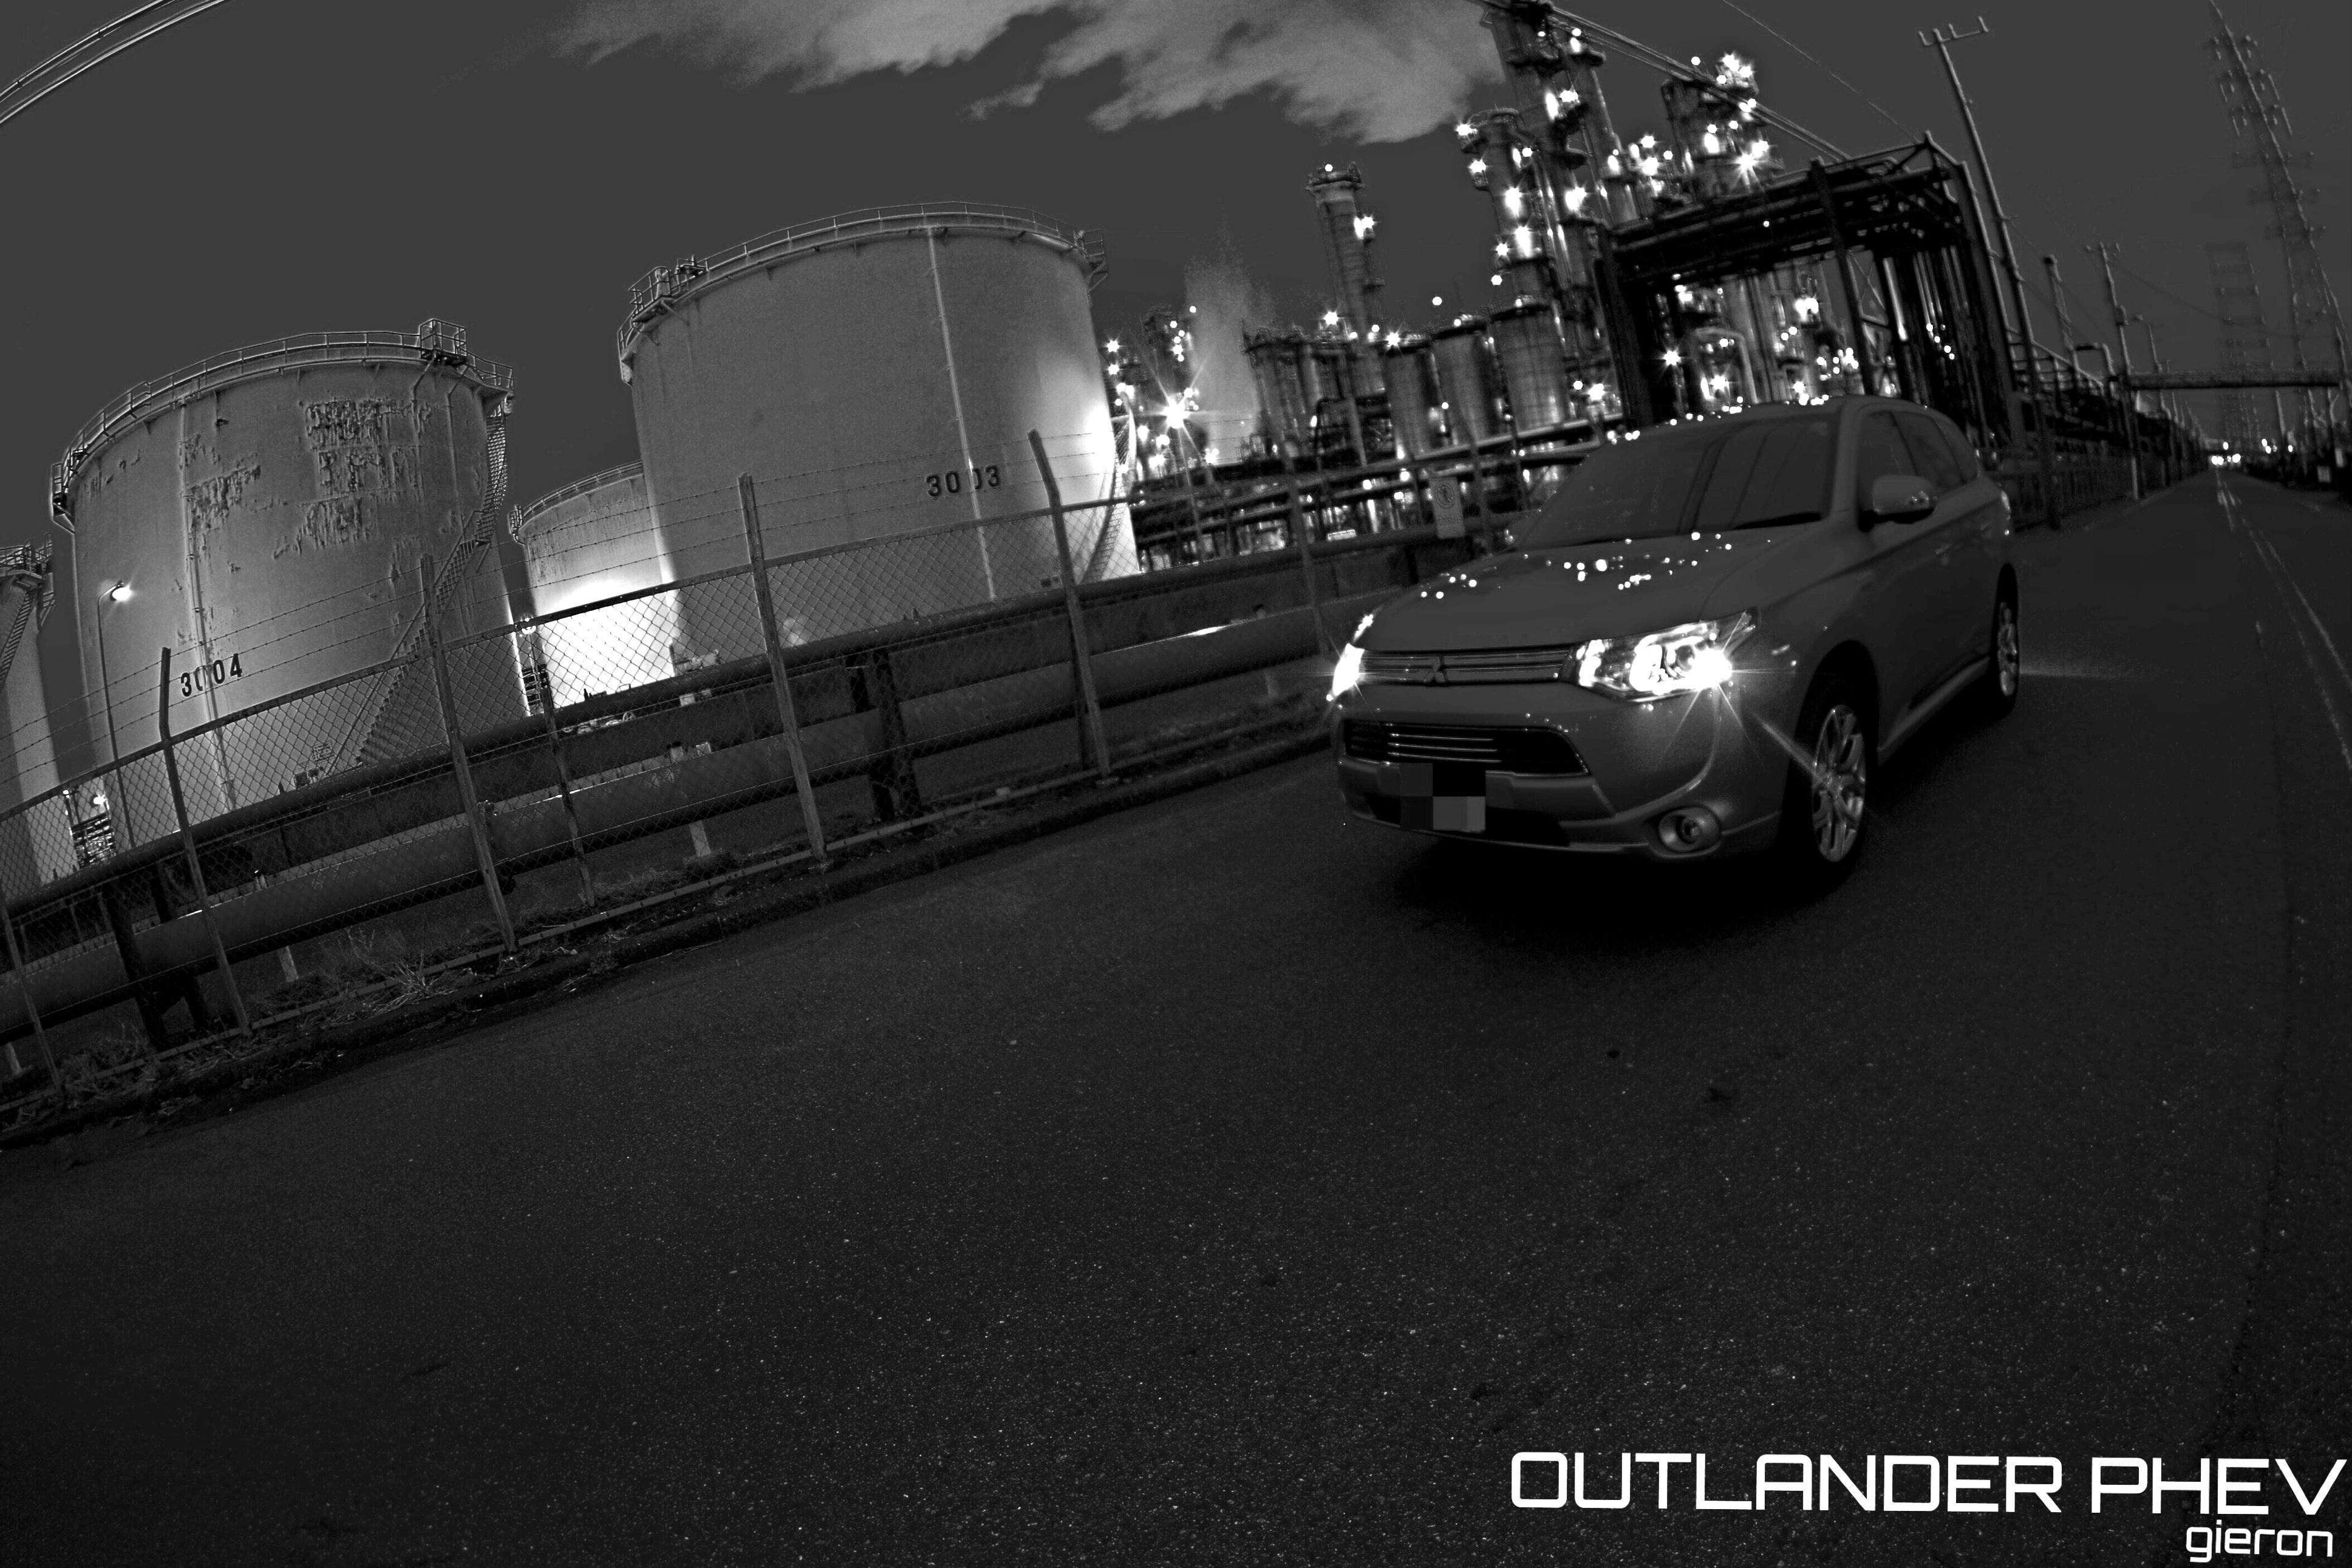 Mitsubishi outlander phev at factory